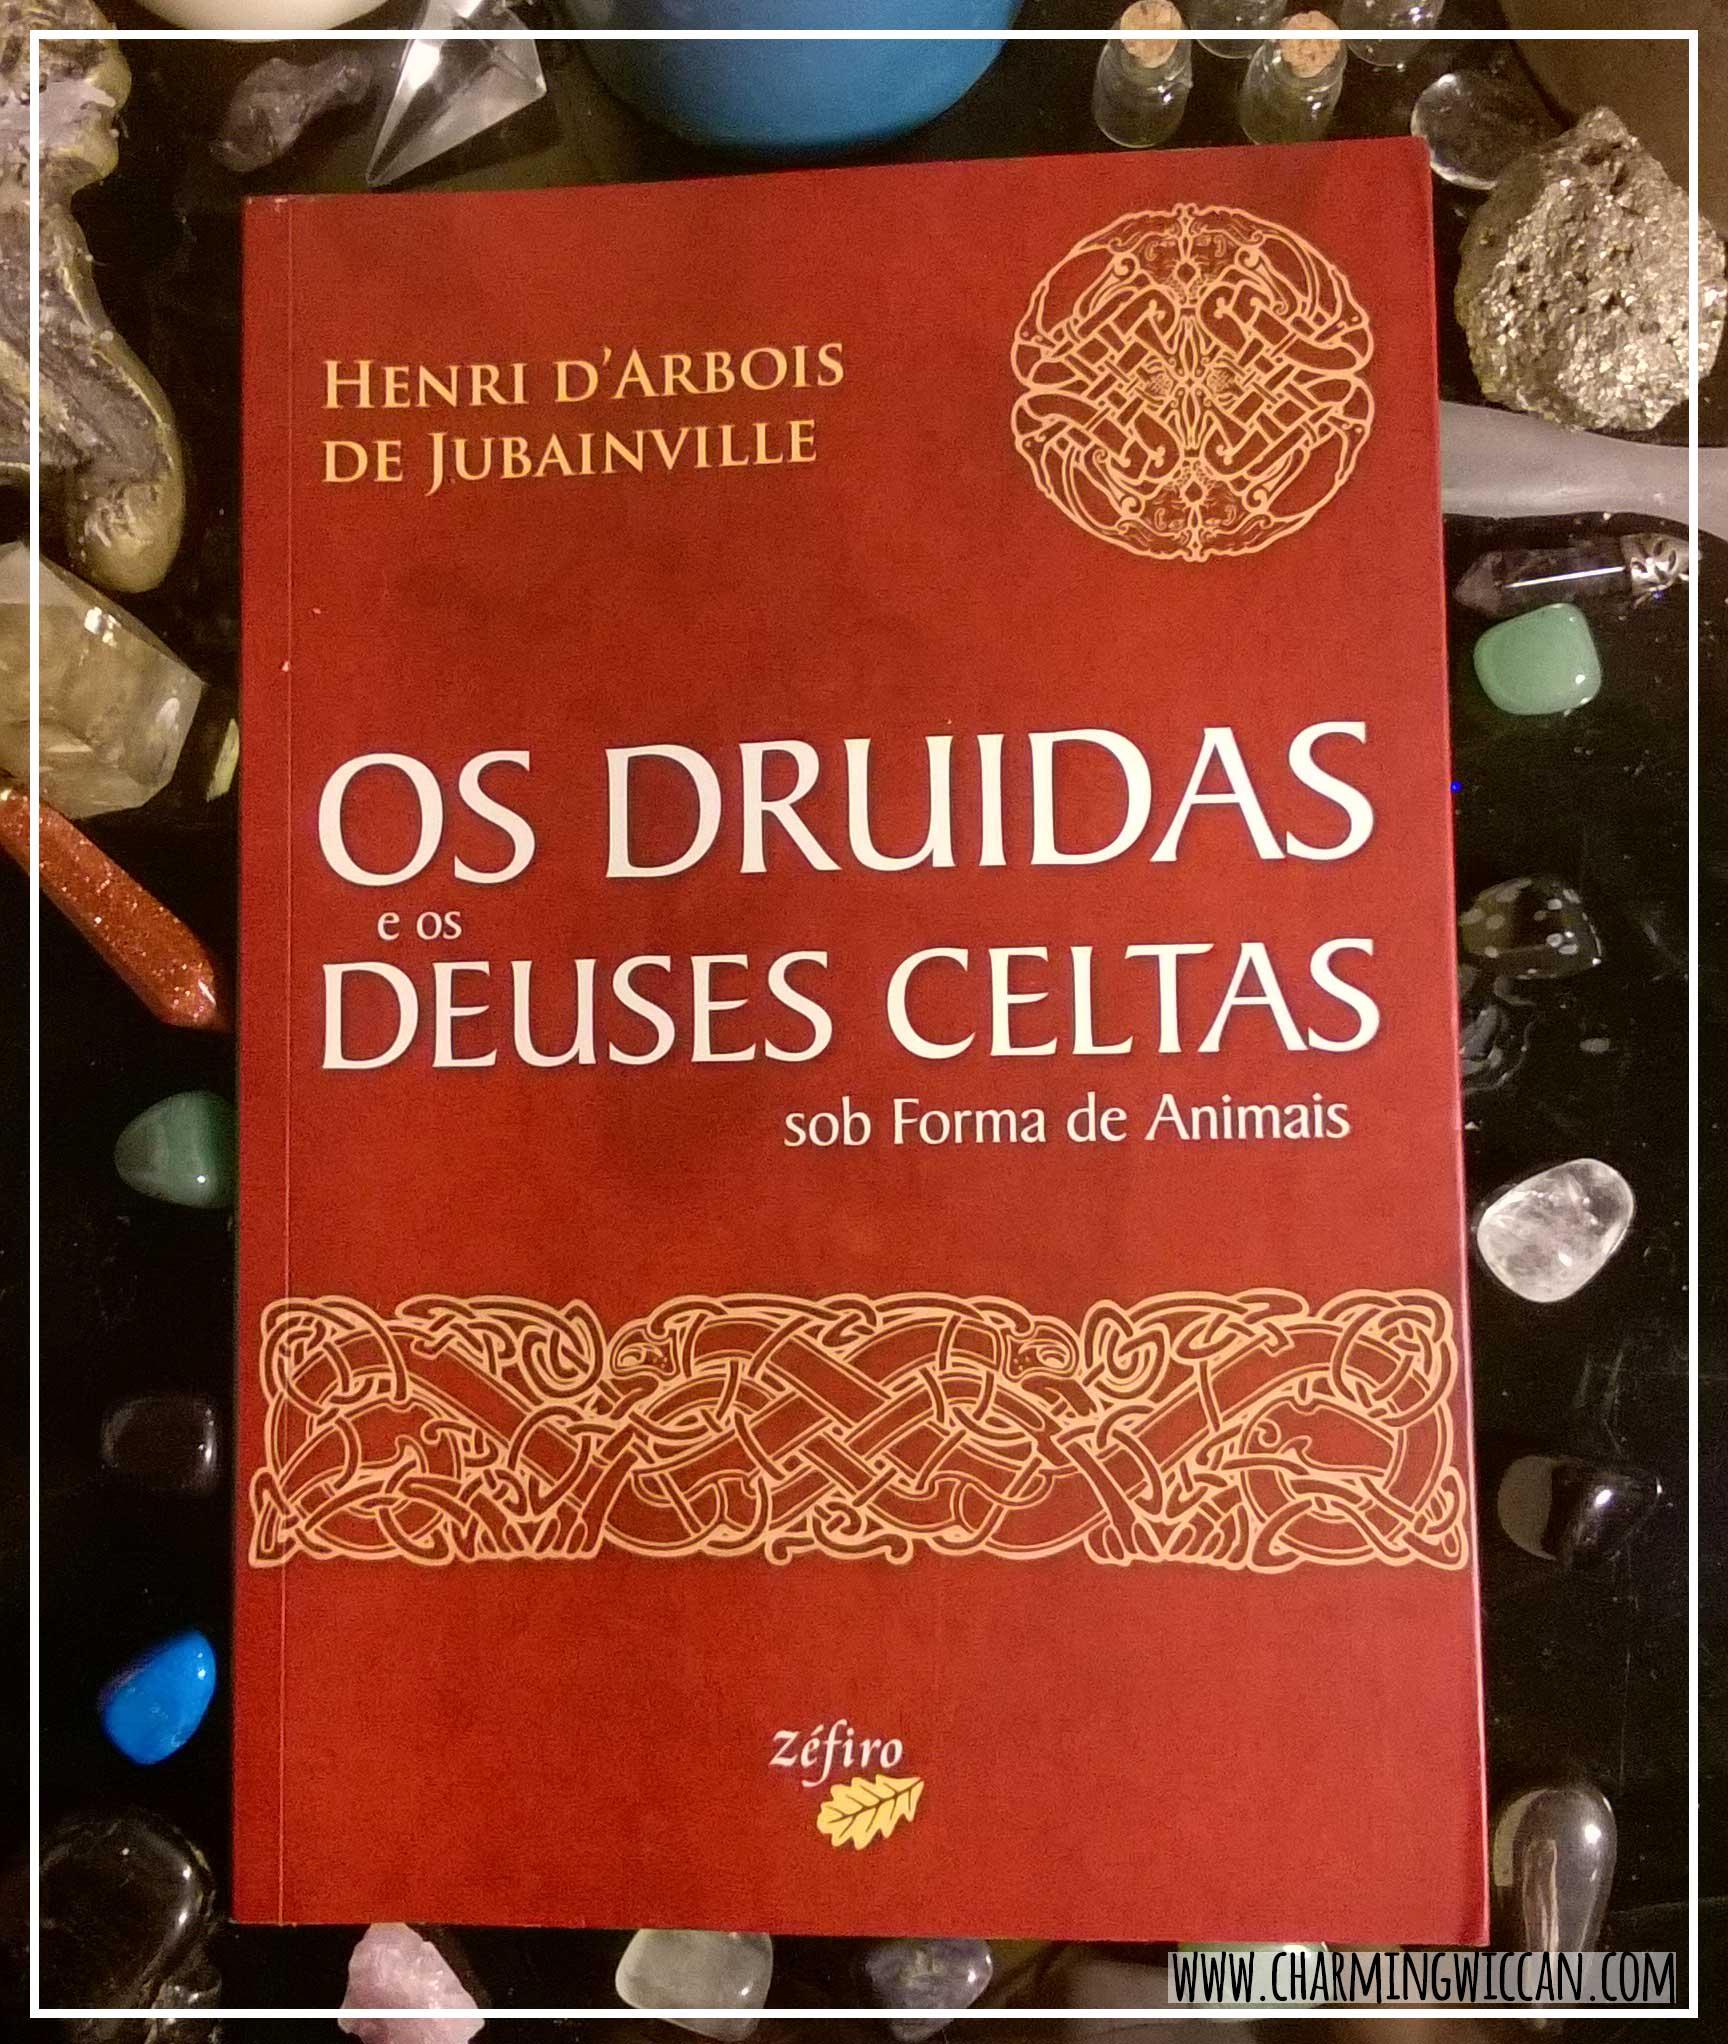 sexto dia - livro Os Druidas e os Deuses Celtas sob a forma de Animais #PEDAblogBr